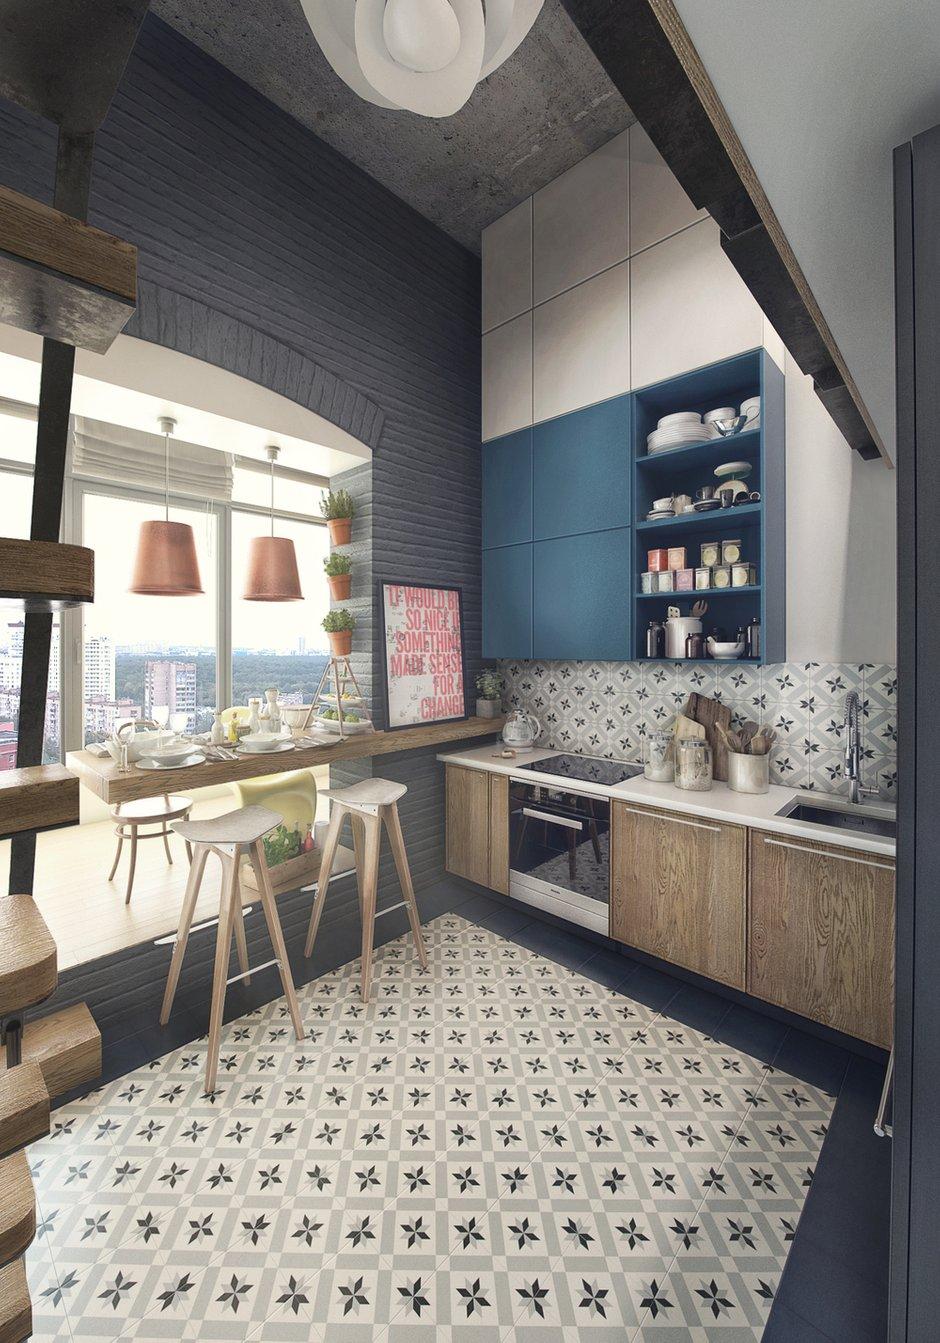 Фотография: Кухня и столовая в стиле Лофт, Квартира, Проект недели, Москва, ToTaste Studio, Монолитный дом, 4 и больше, 60-90 метров, ЖК «Соколиный форт» – фото на INMYROOM